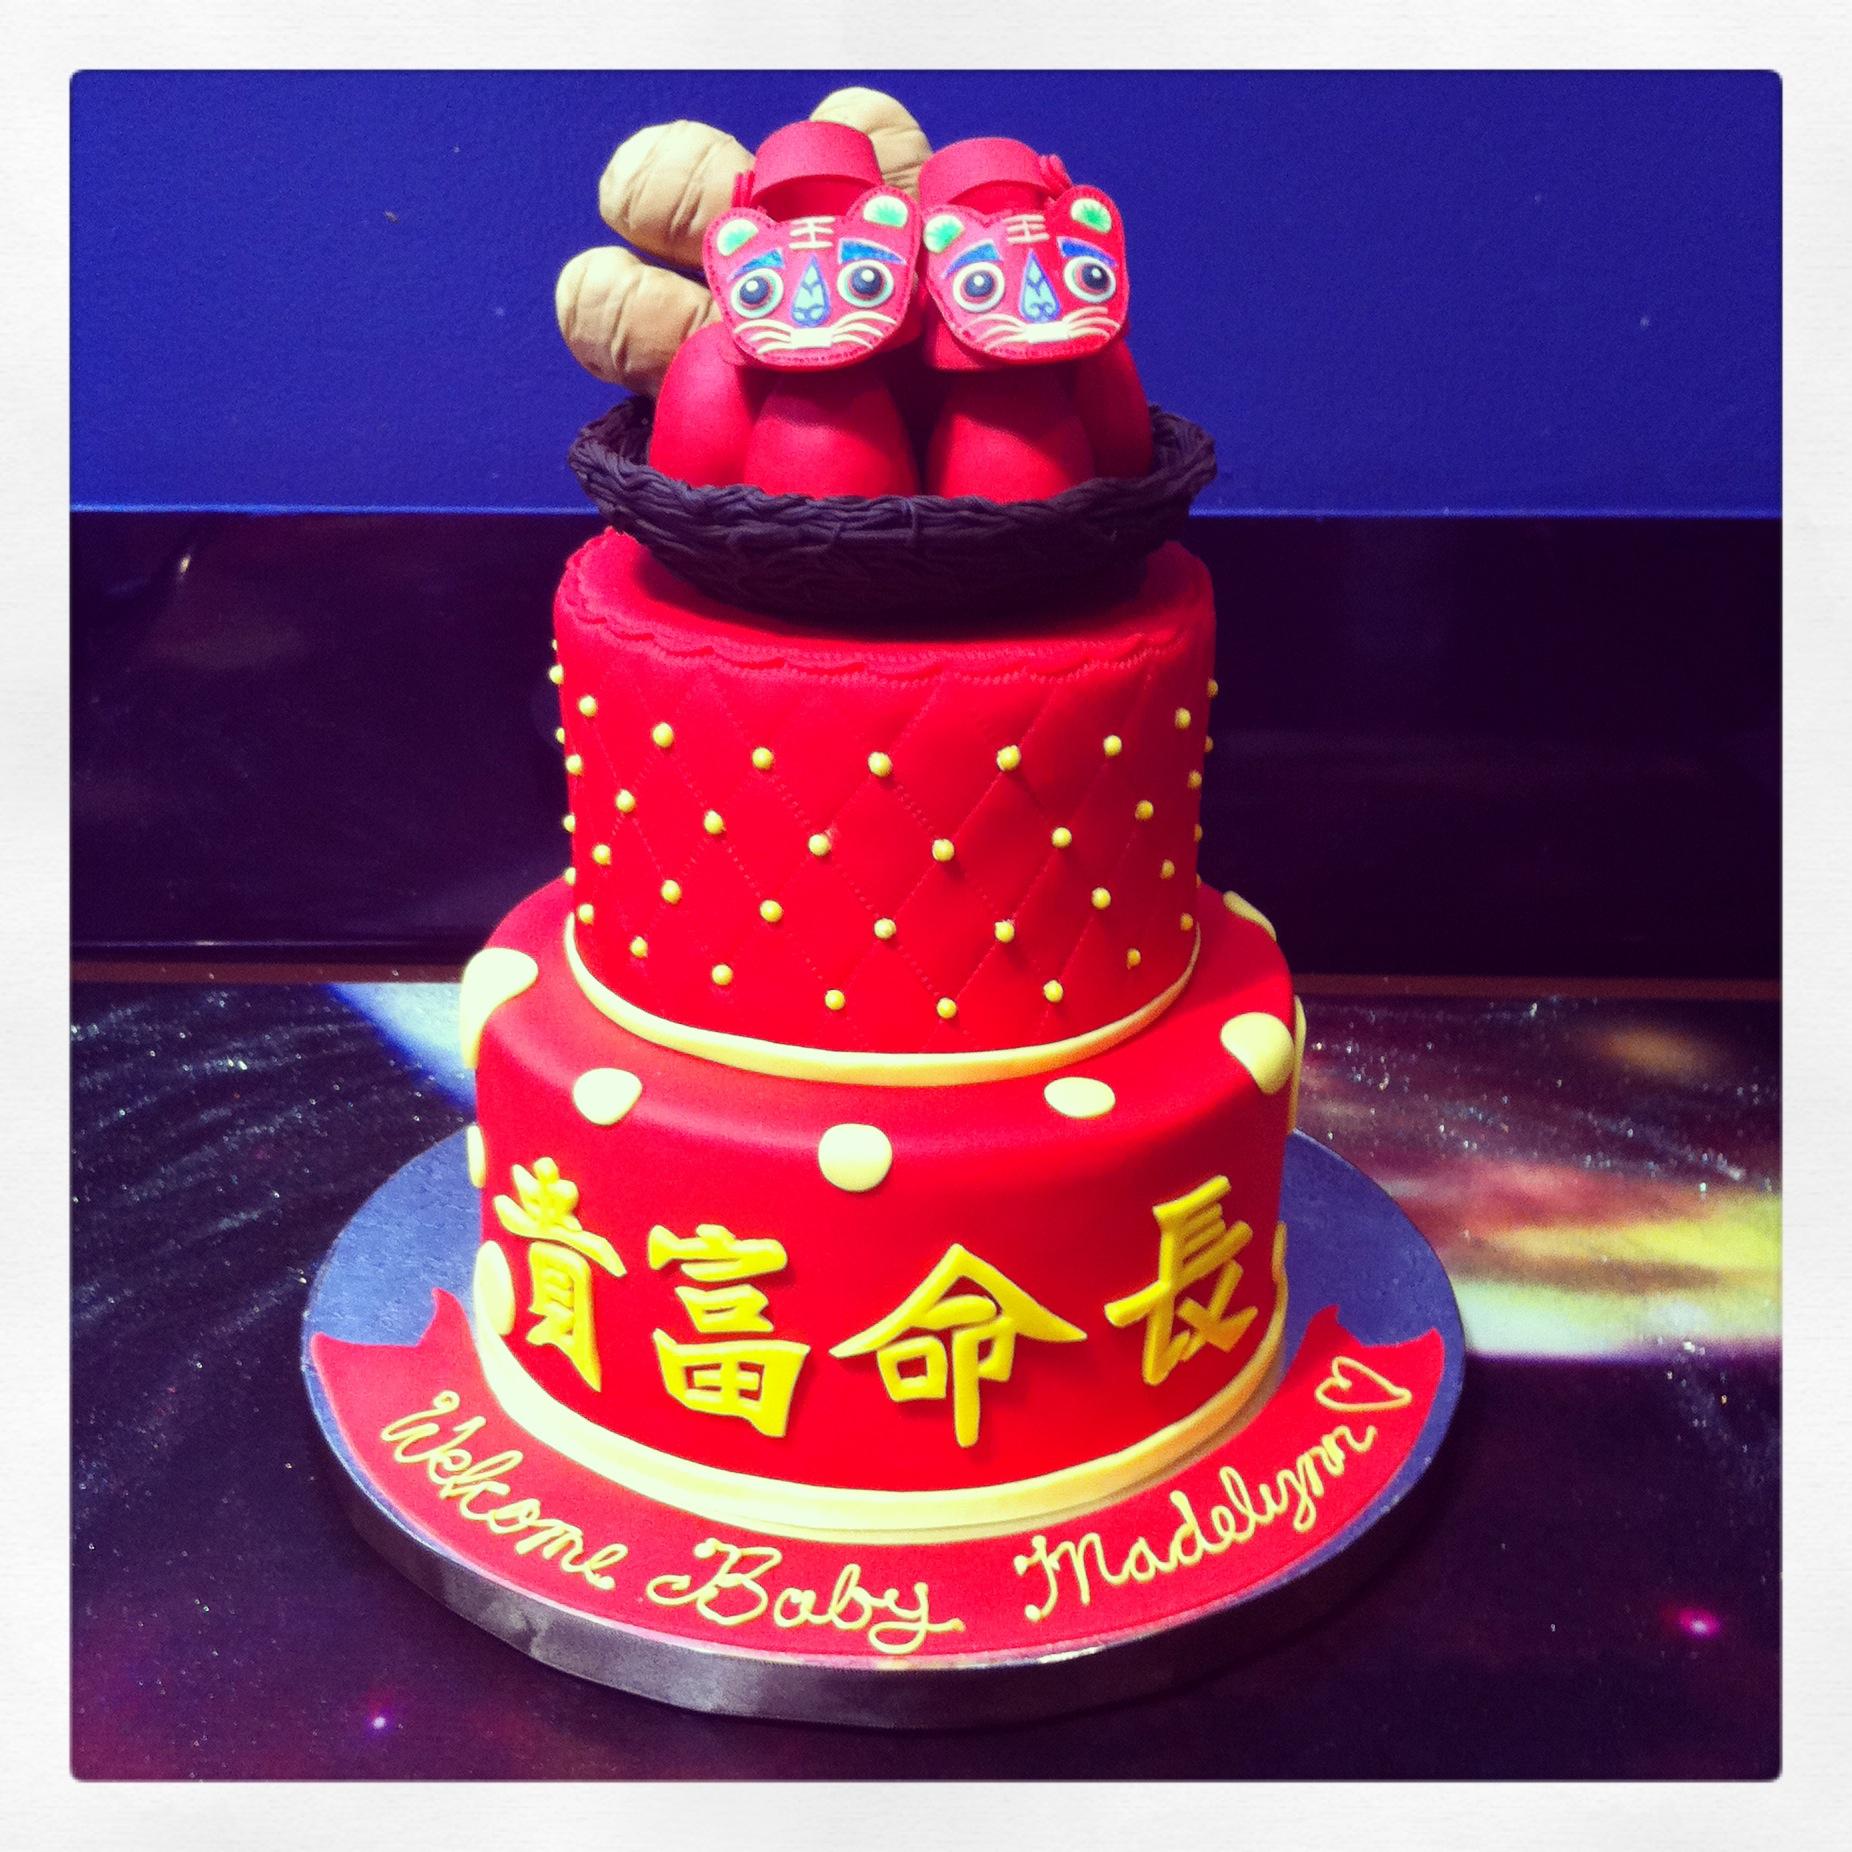 Red Egg & Ginger Baby Cake